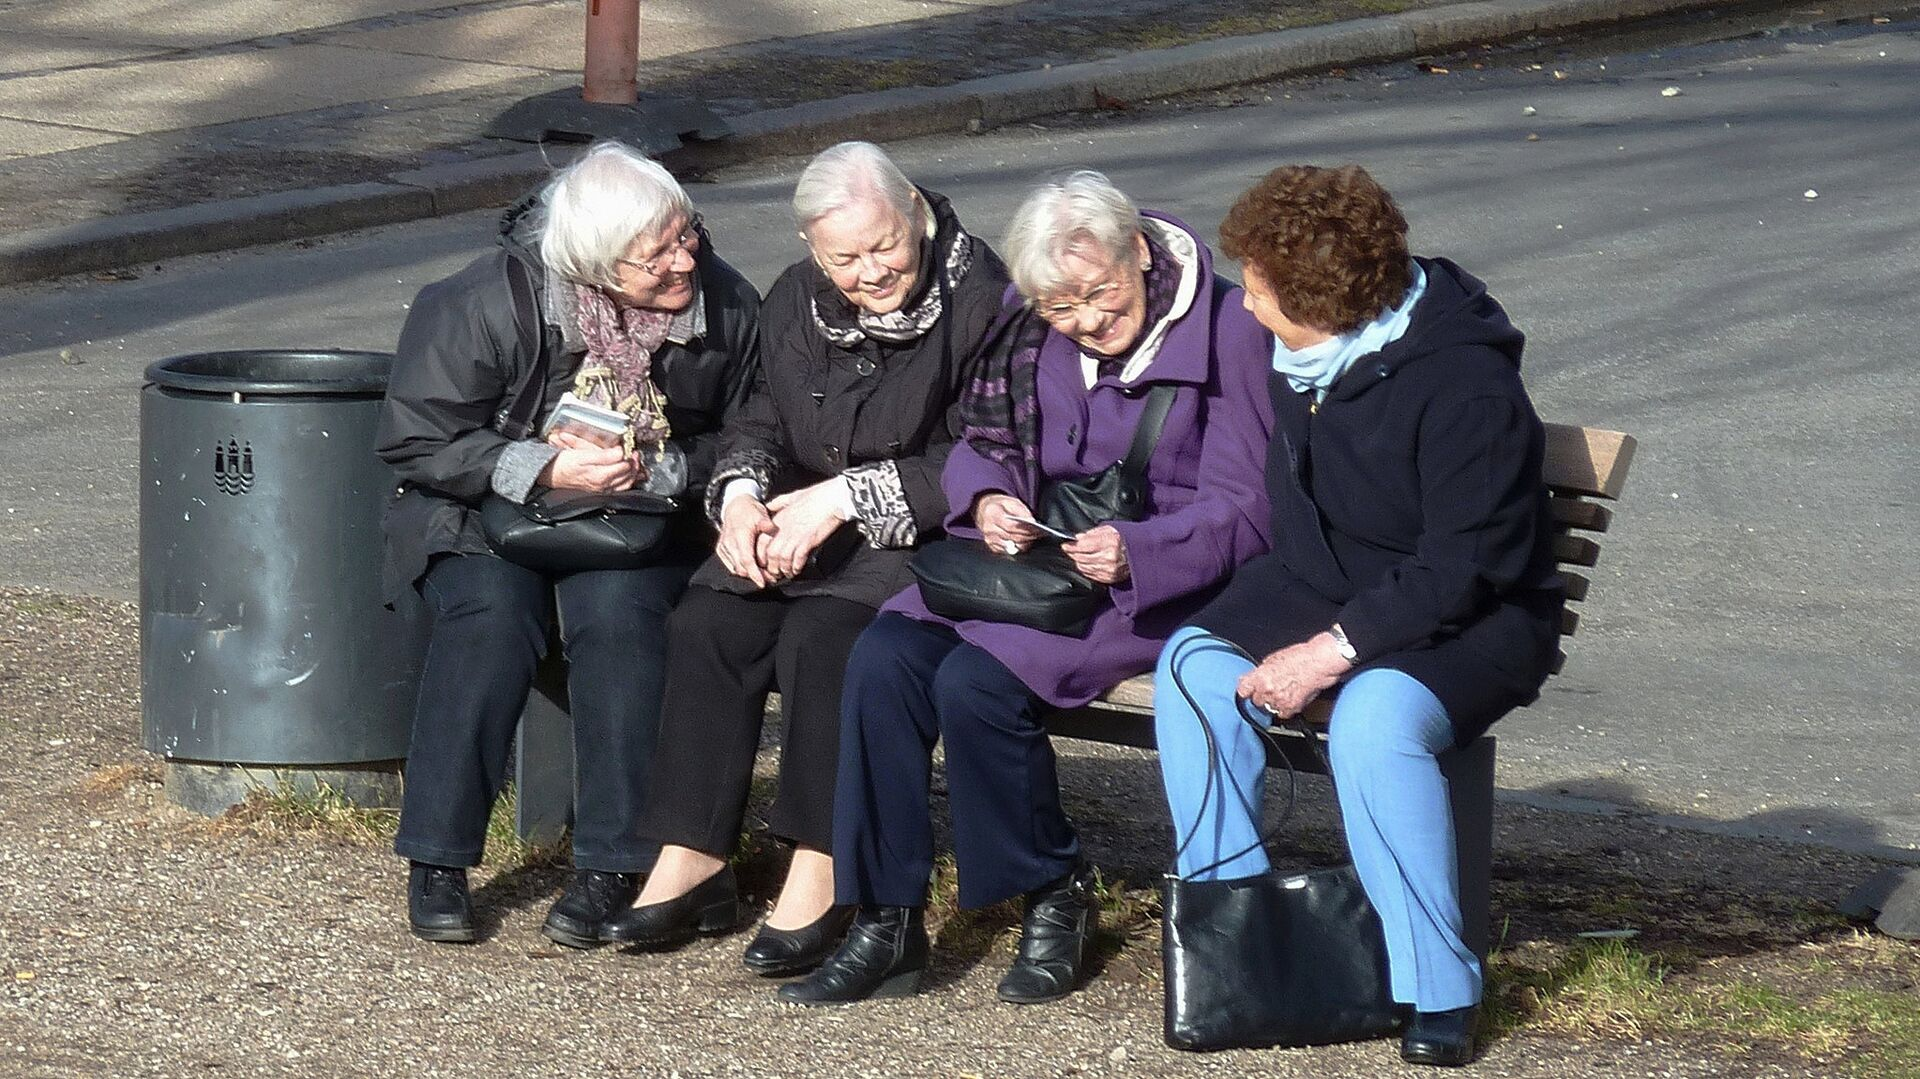 Пожилые женщины на сидят скамейке, архивное фото - Sputnik Беларусь, 1920, 21.09.2021